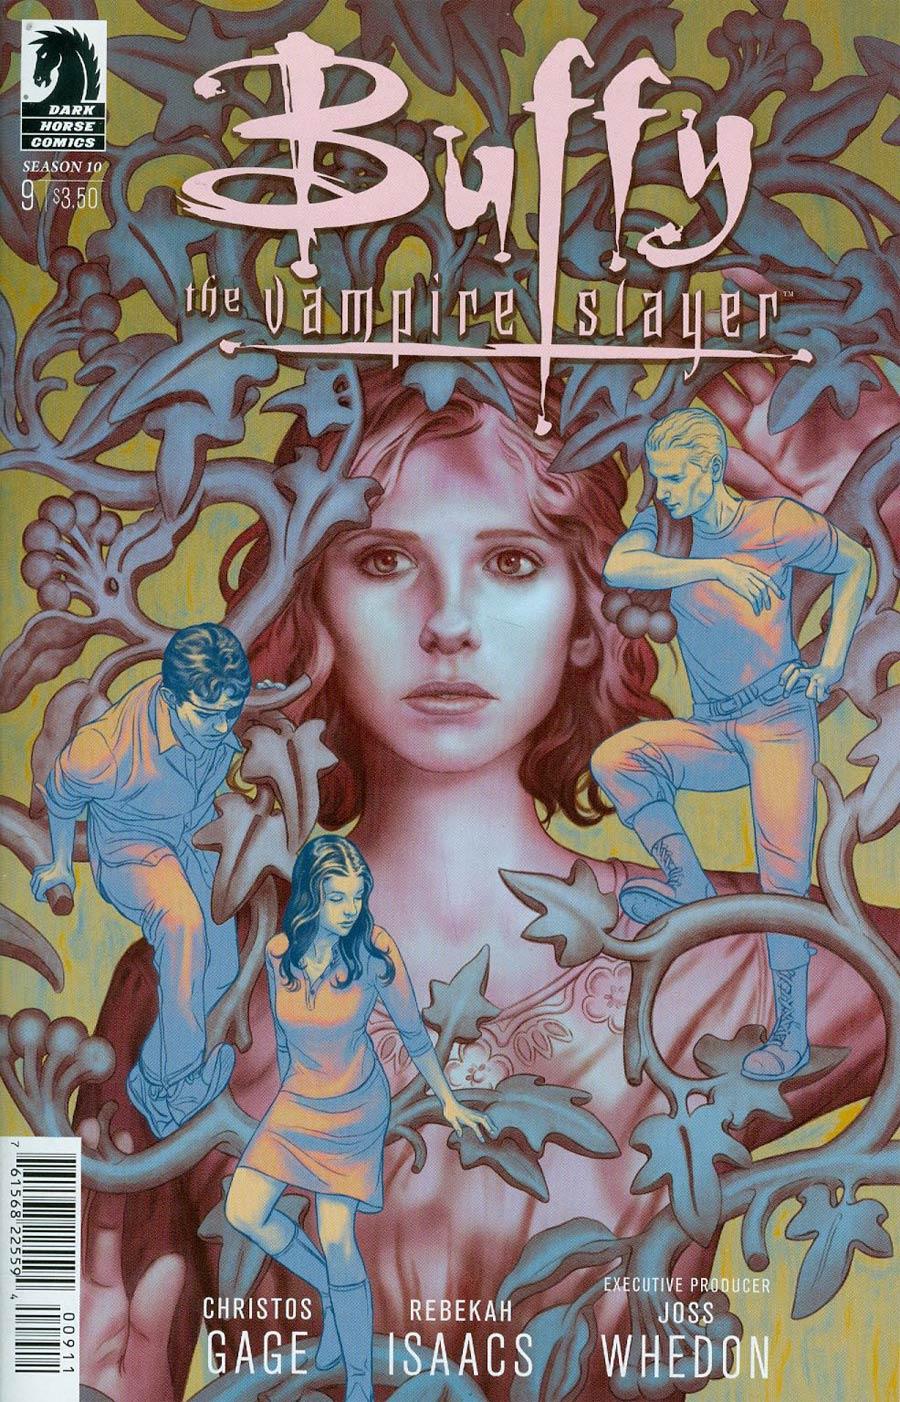 Buffy The Vampire Slayer Season 10 #9 Cover A Regular Steve Morris Cover